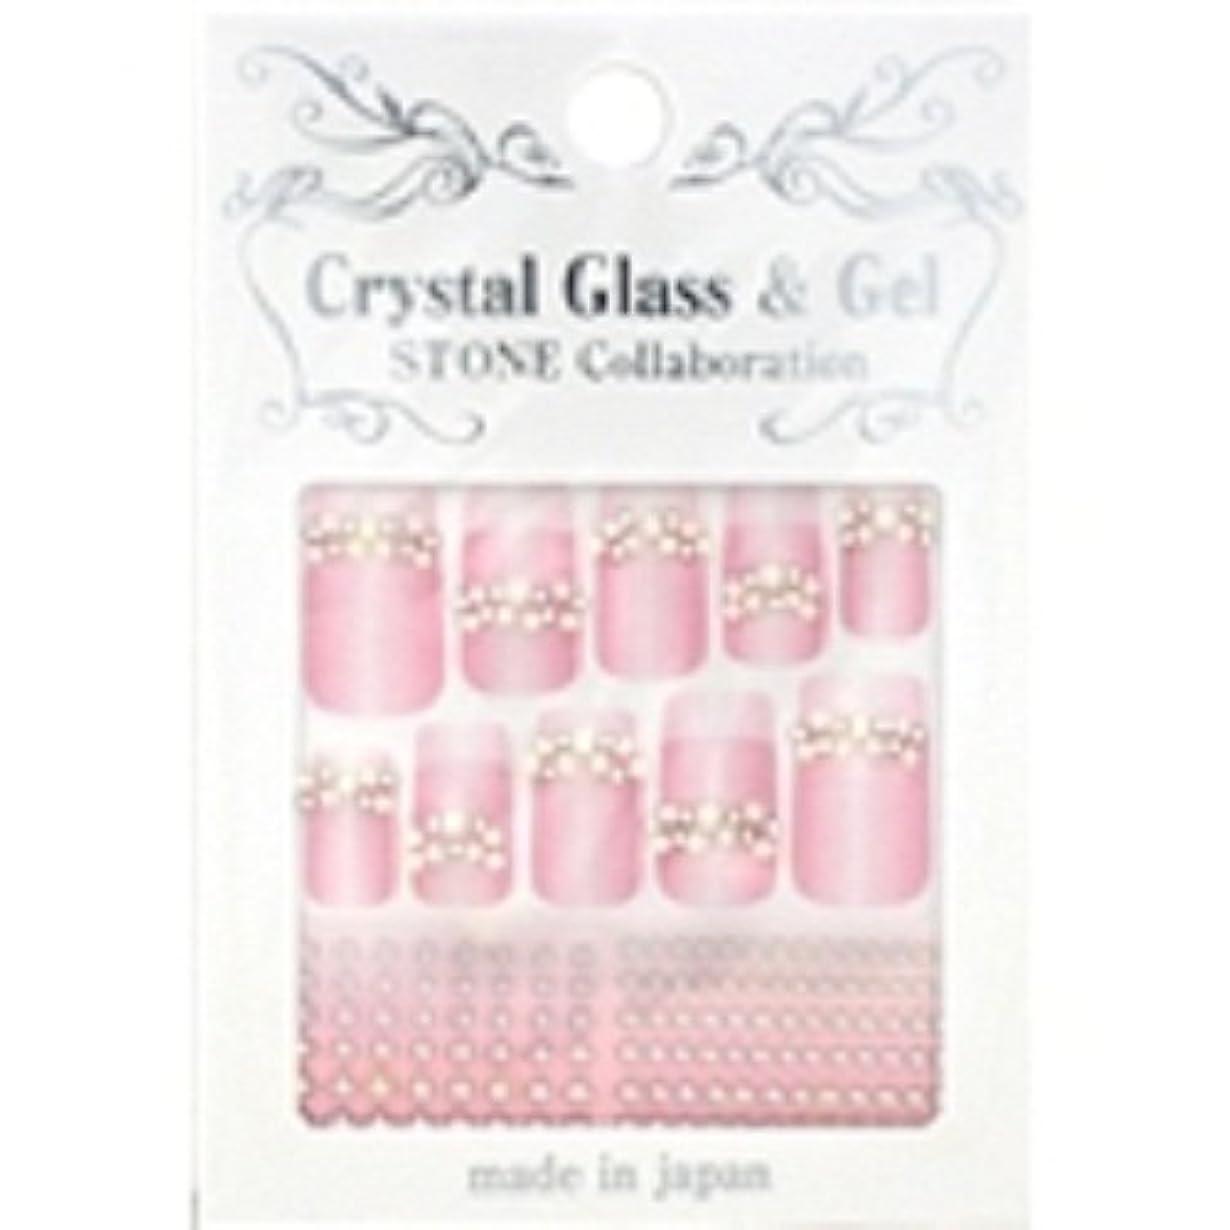 交換可能平均健康的BN クリスタルガラス&ジェル ストーンコラボレーション PSS-8